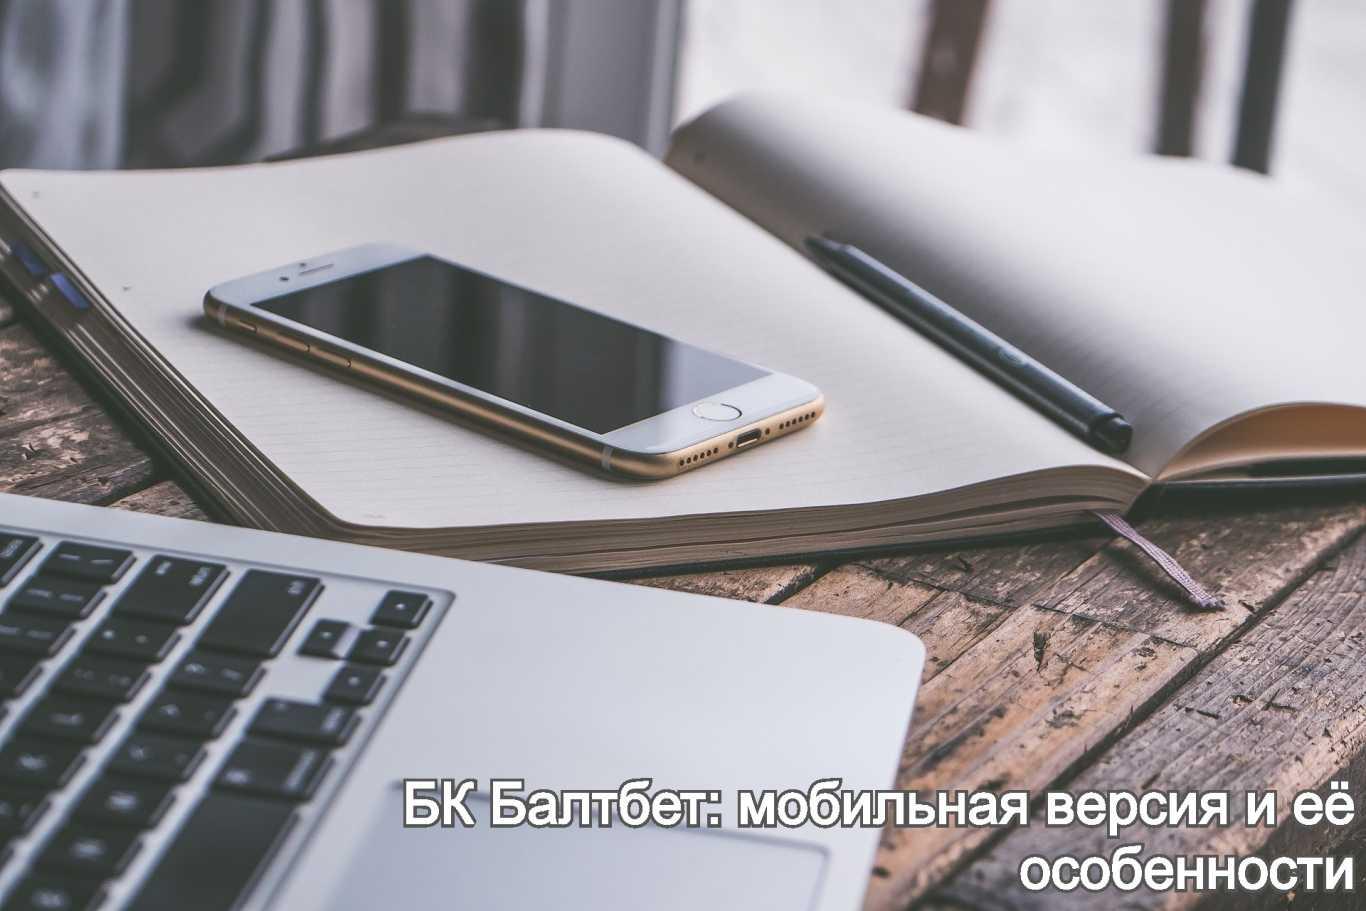 БК Балтбет: мобильная версия и её особенности